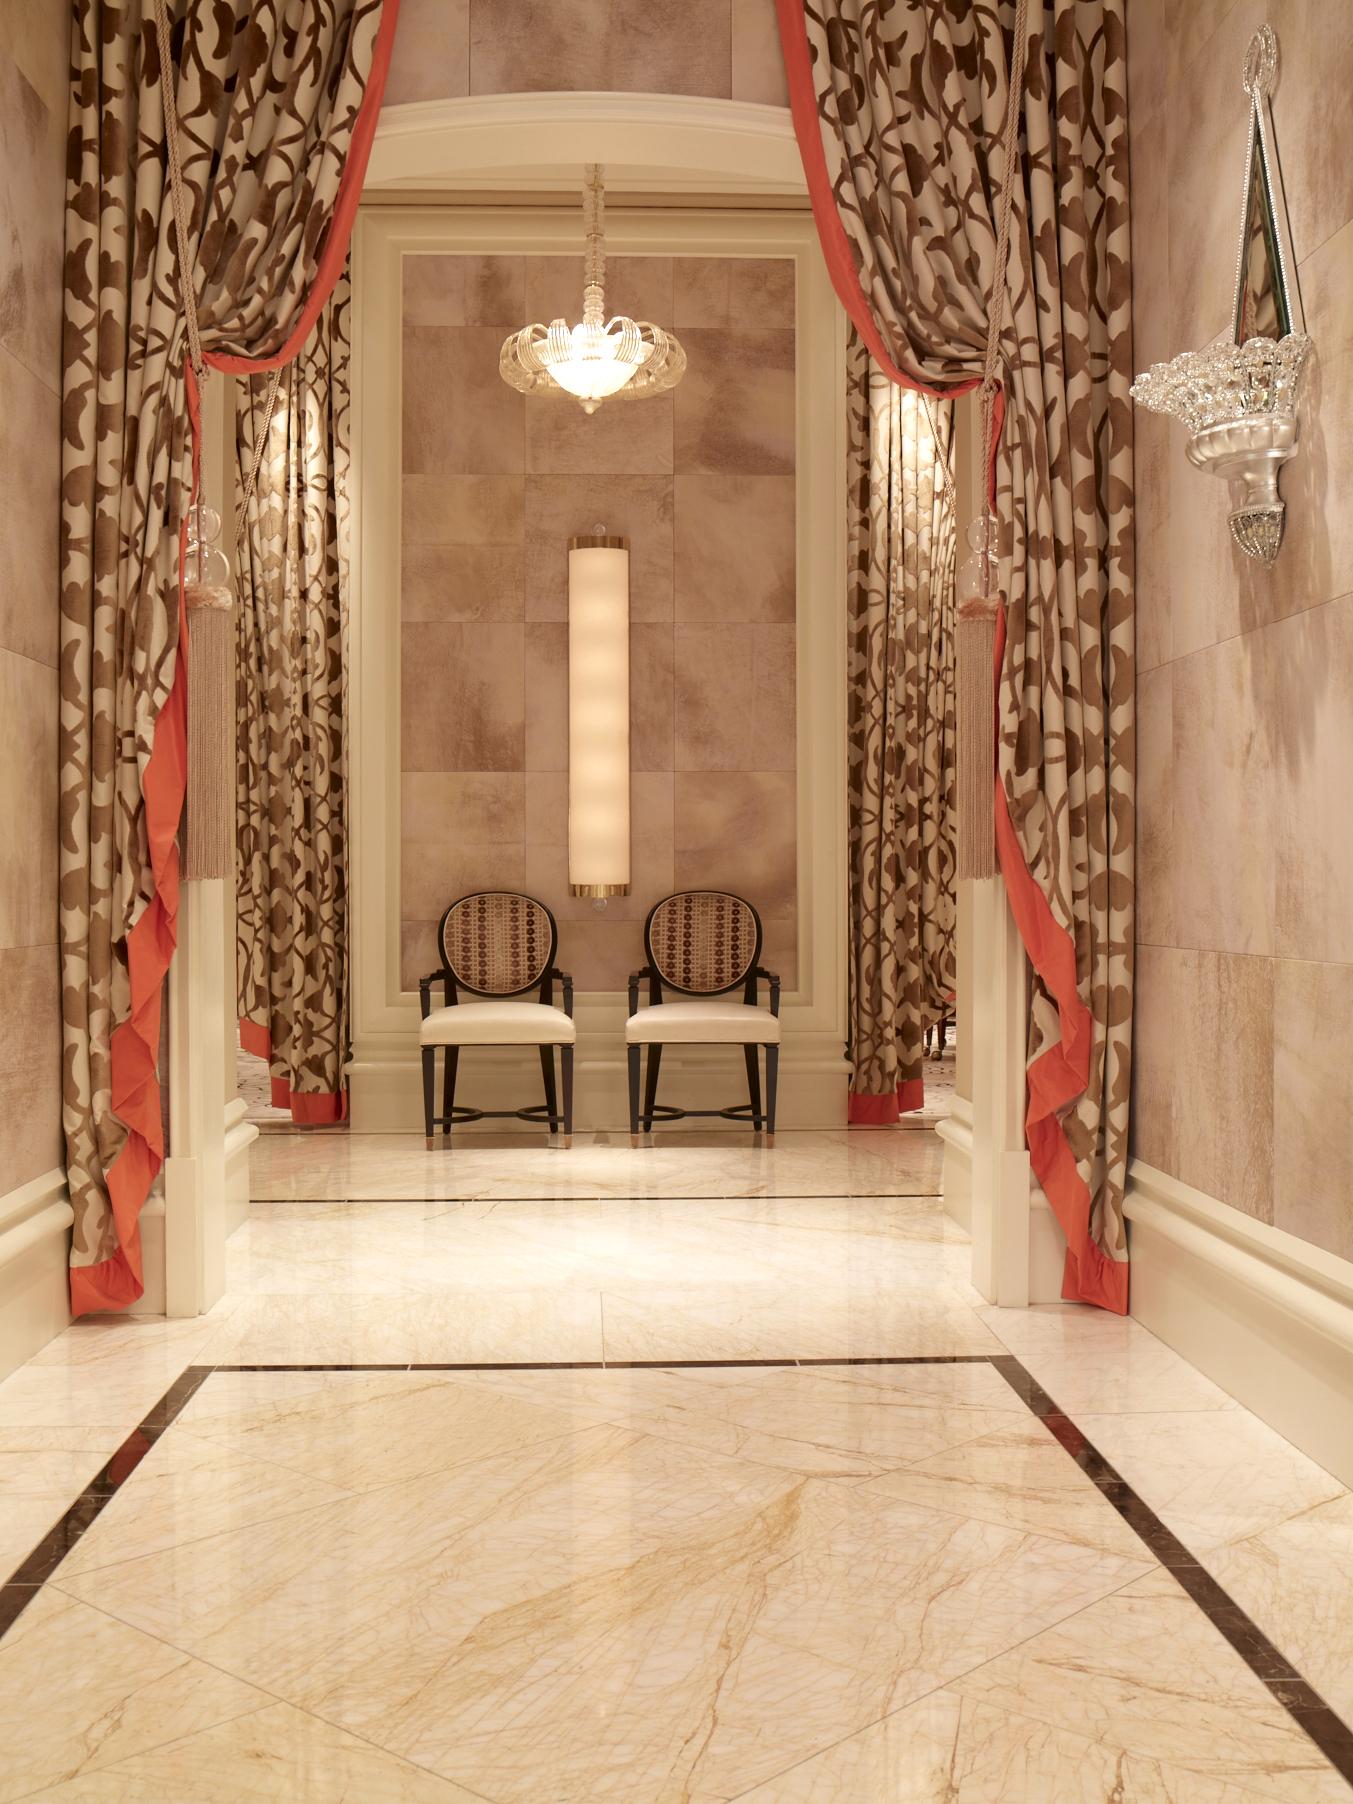 Wynn Baccarat Room Tlc Rtc Faux Parchment Tiles 2 Designer Design Development Las Vegas